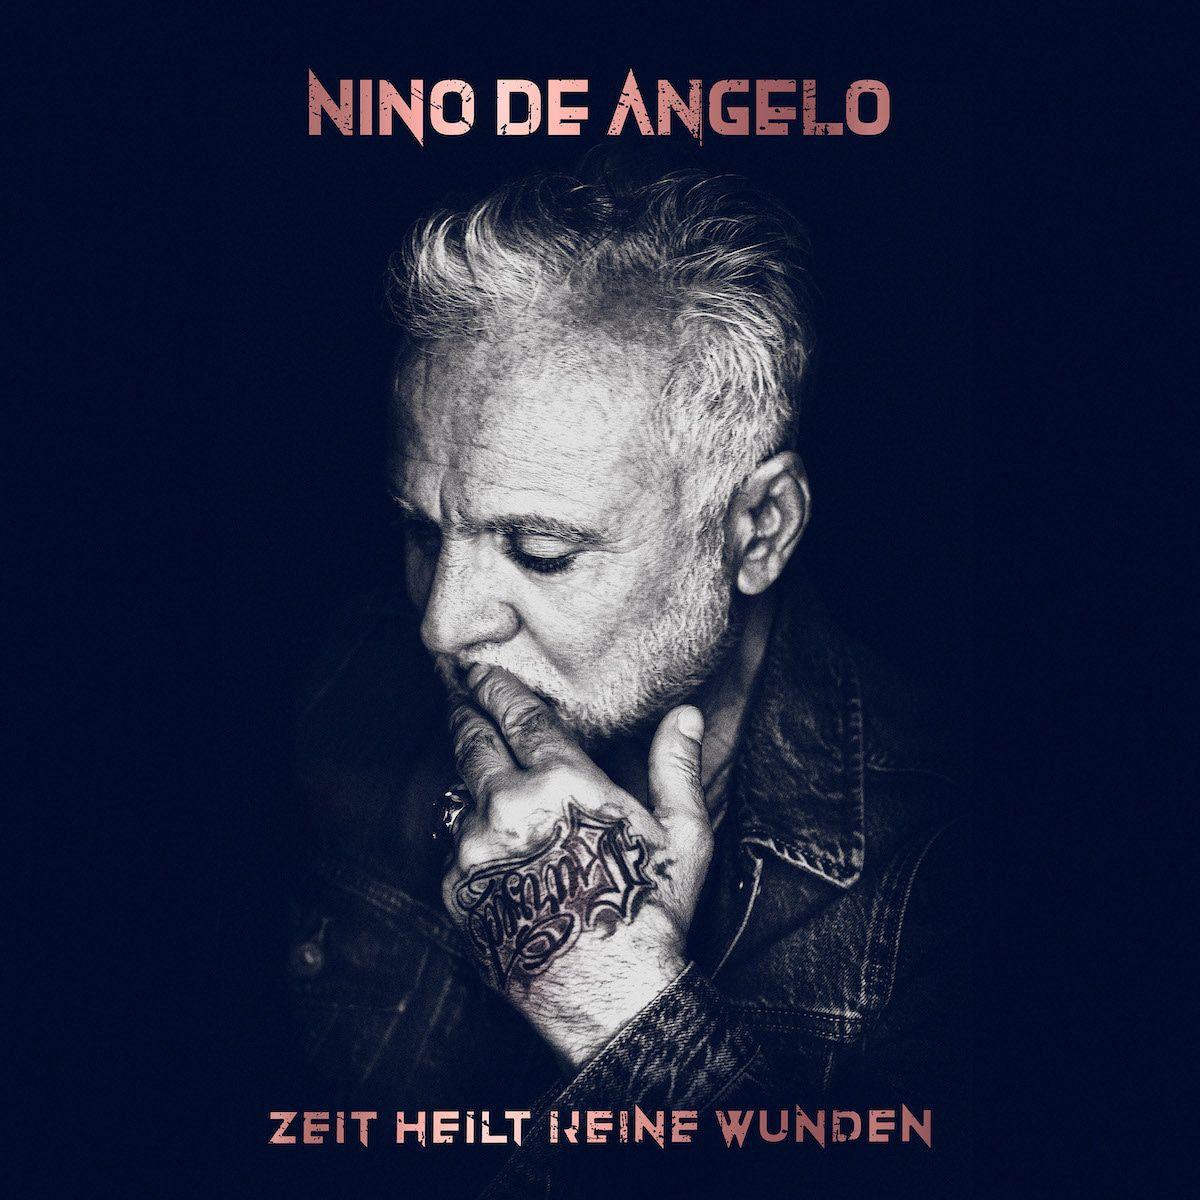 """Nino de Angelo: """"Zeit heilt keine Wunden"""" ist inspiriert von Sekten-Story"""